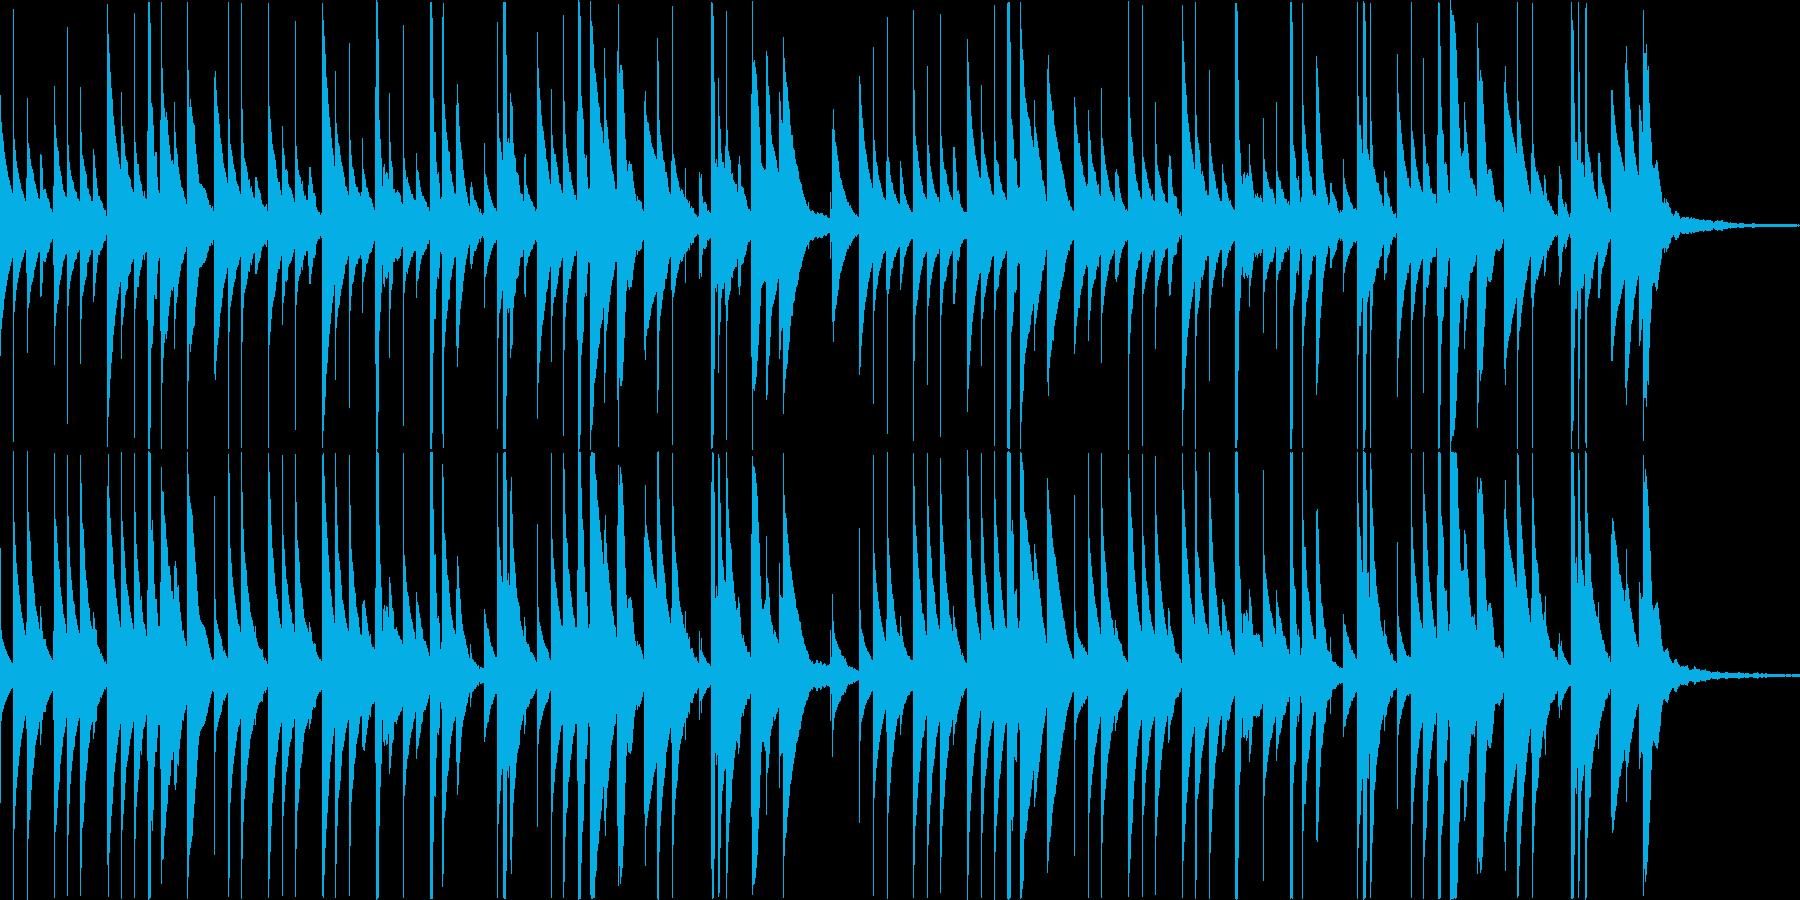 夕方を連想させるオルゴール曲の再生済みの波形